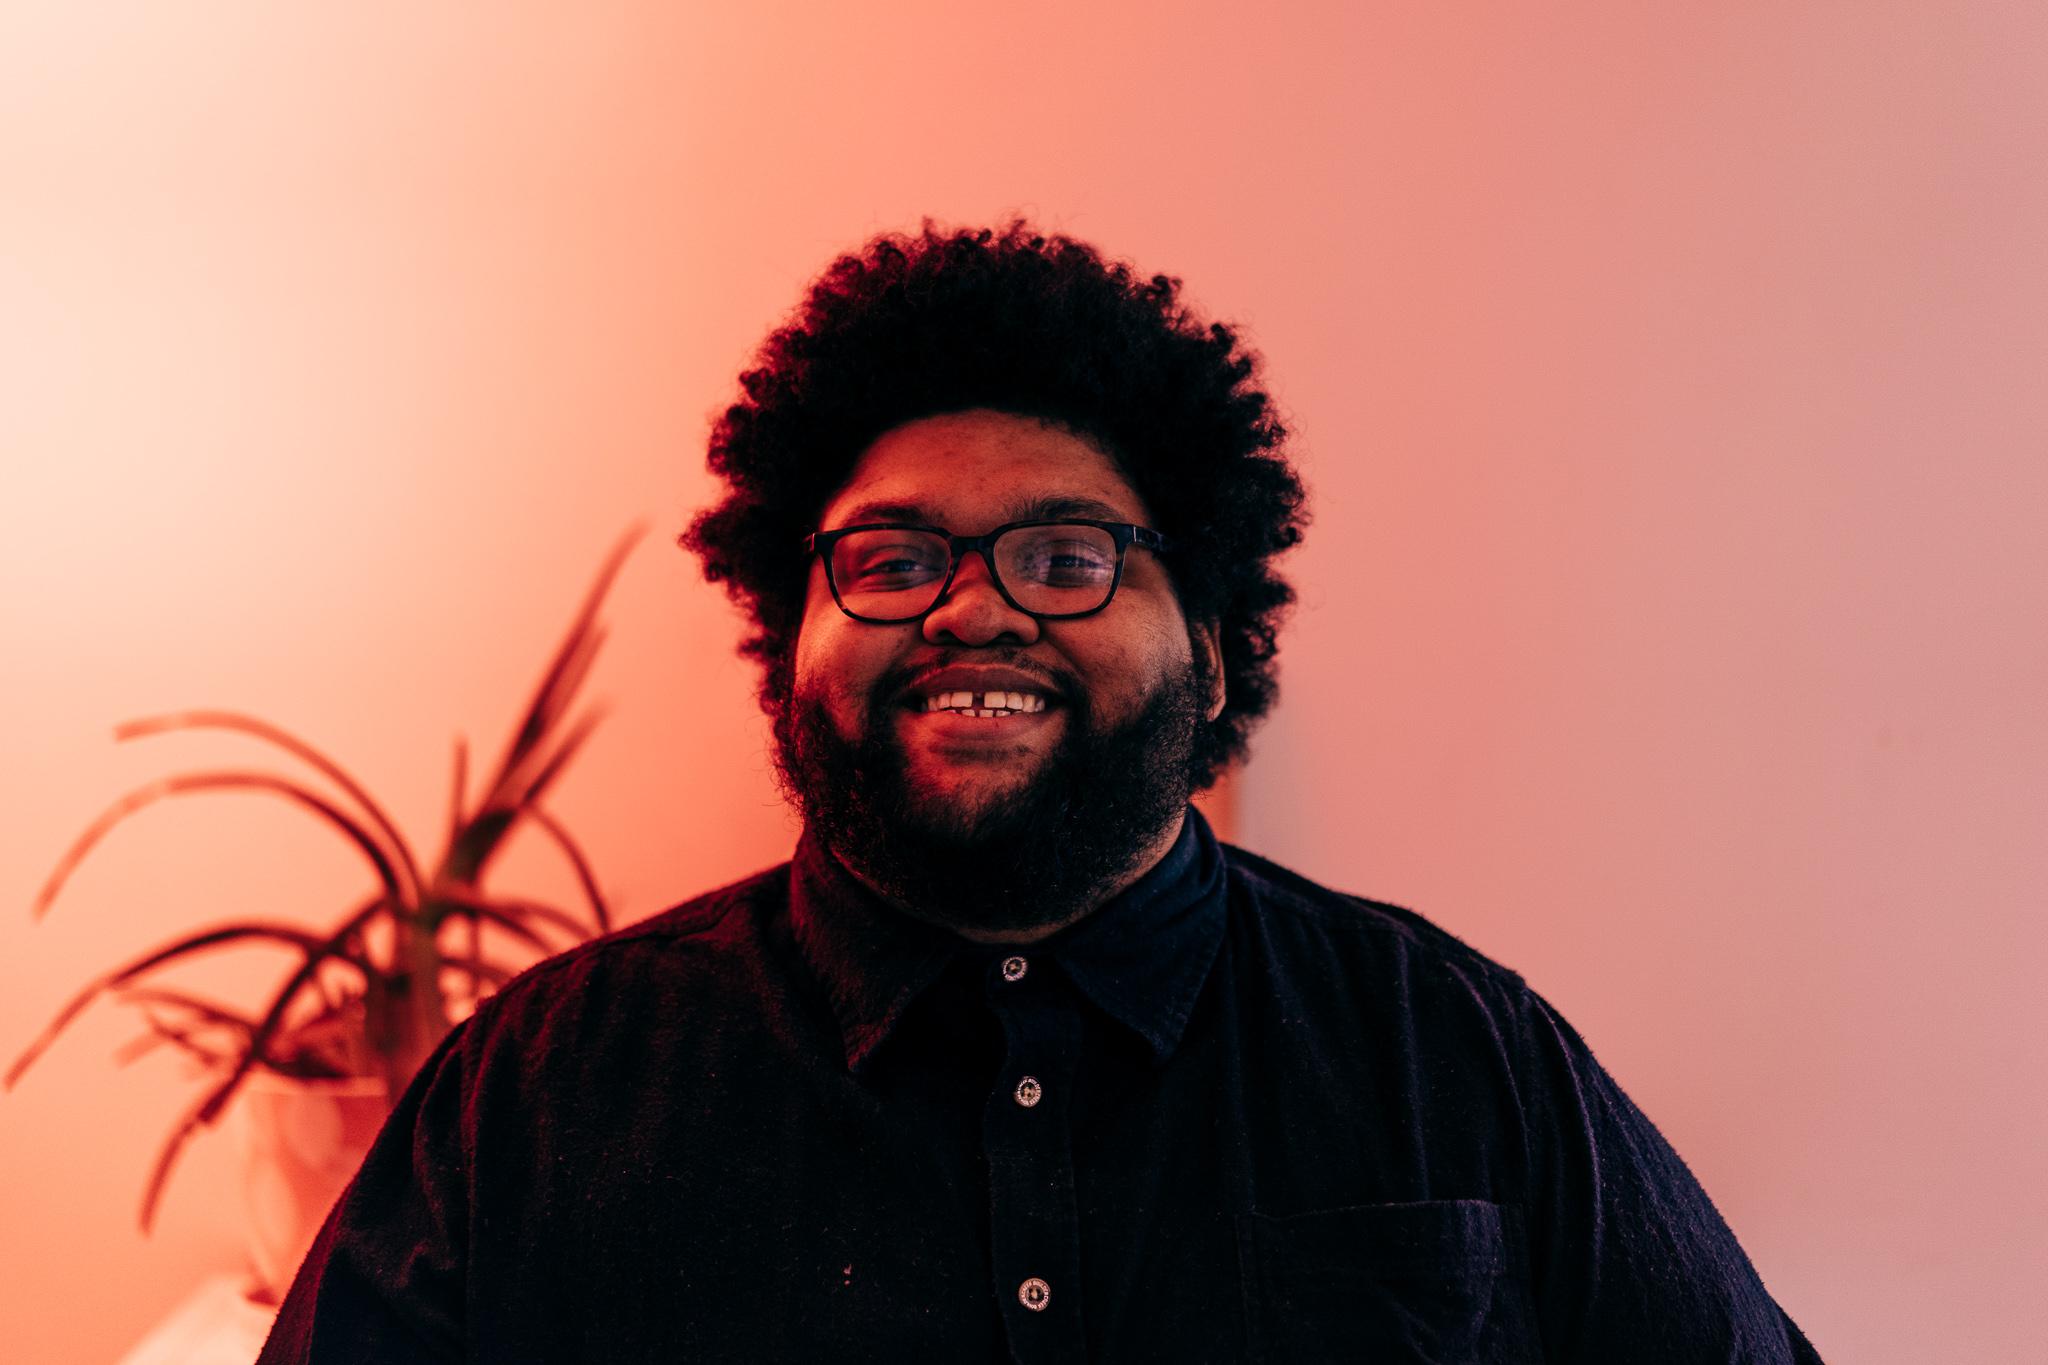 Portrait of Marcus Relacion smiling